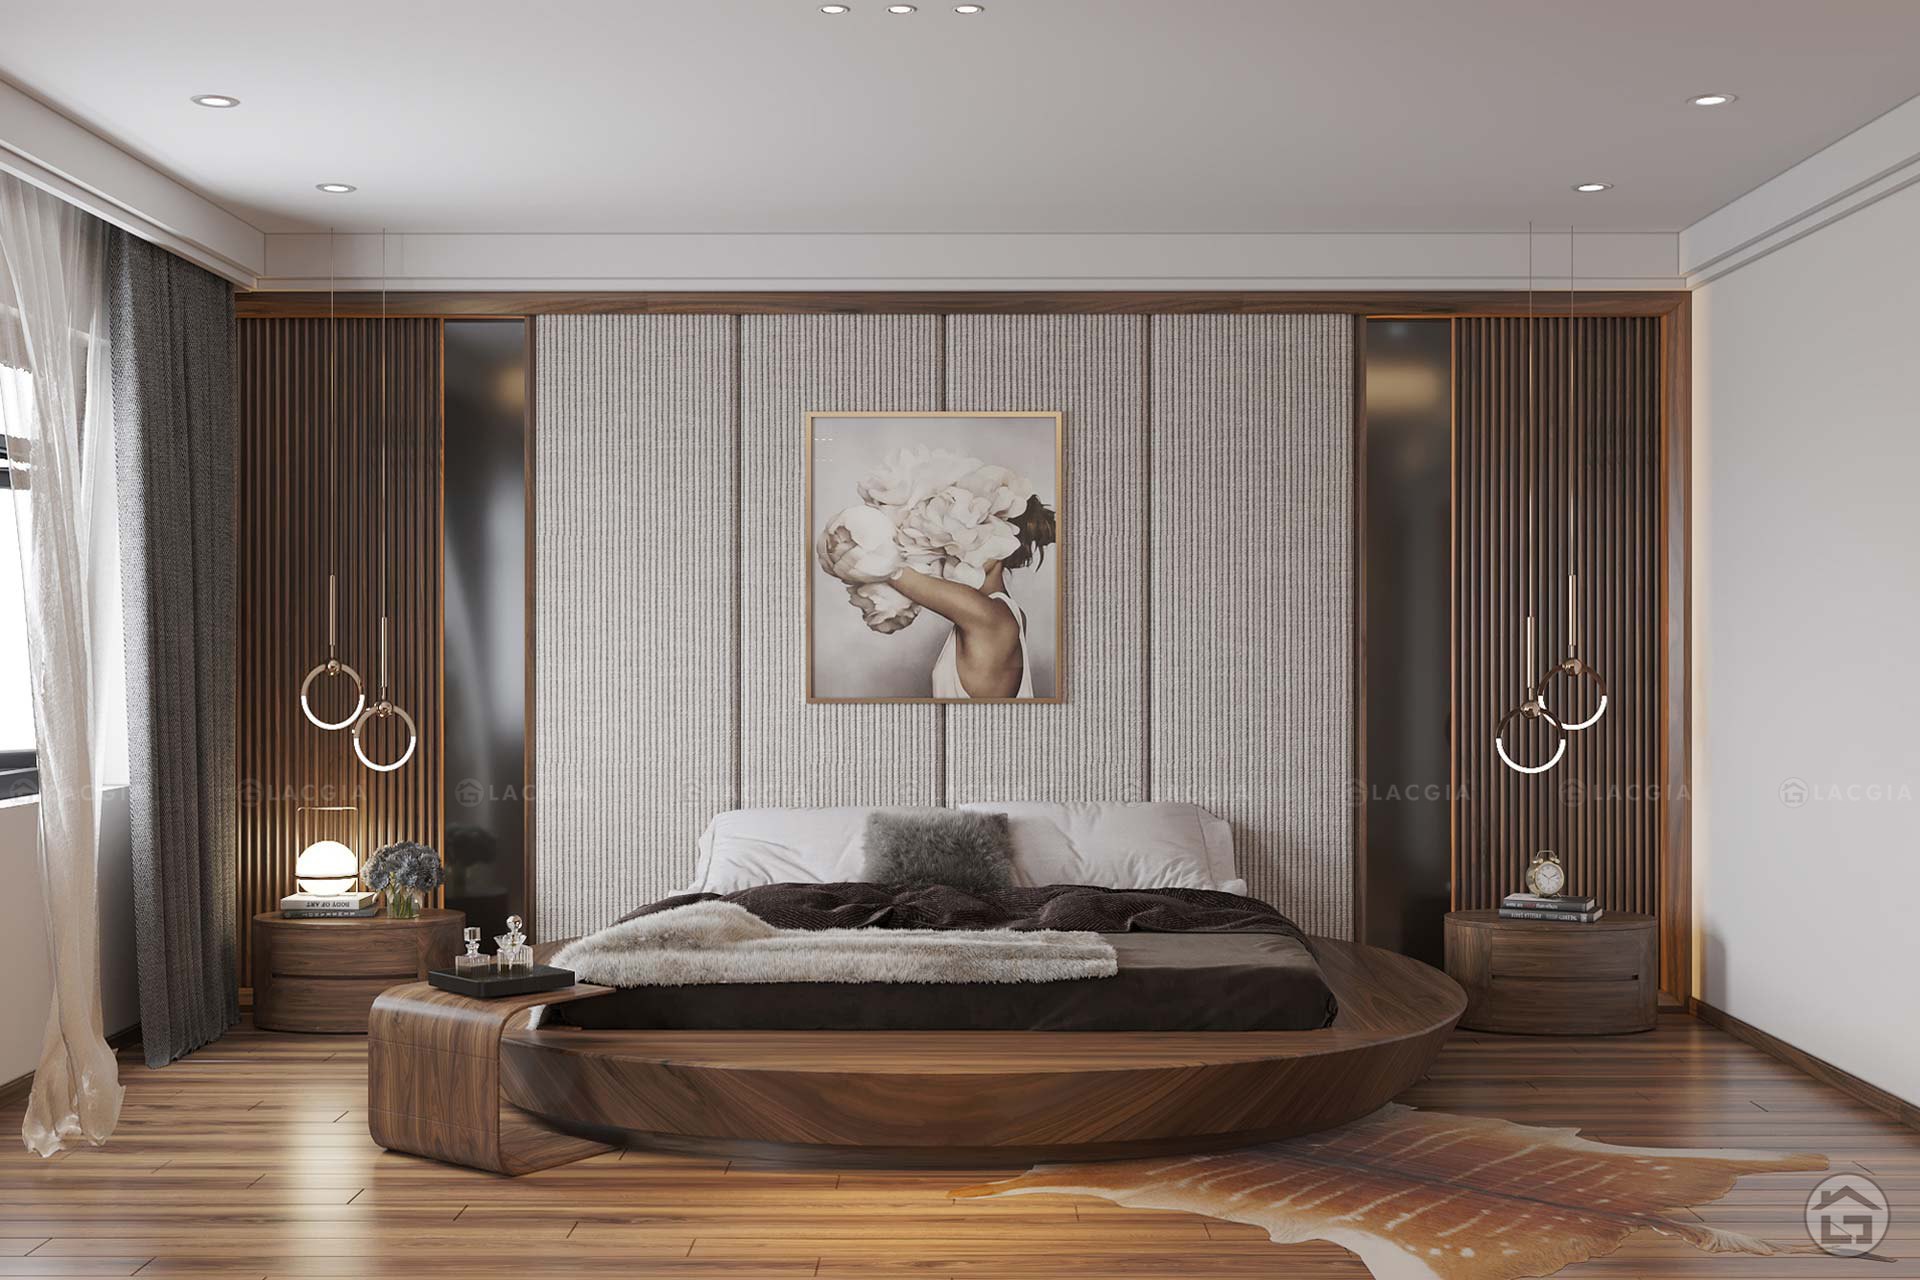 Thiết kế nội thất biệt thự liền kề An Vượng - Dương Nội